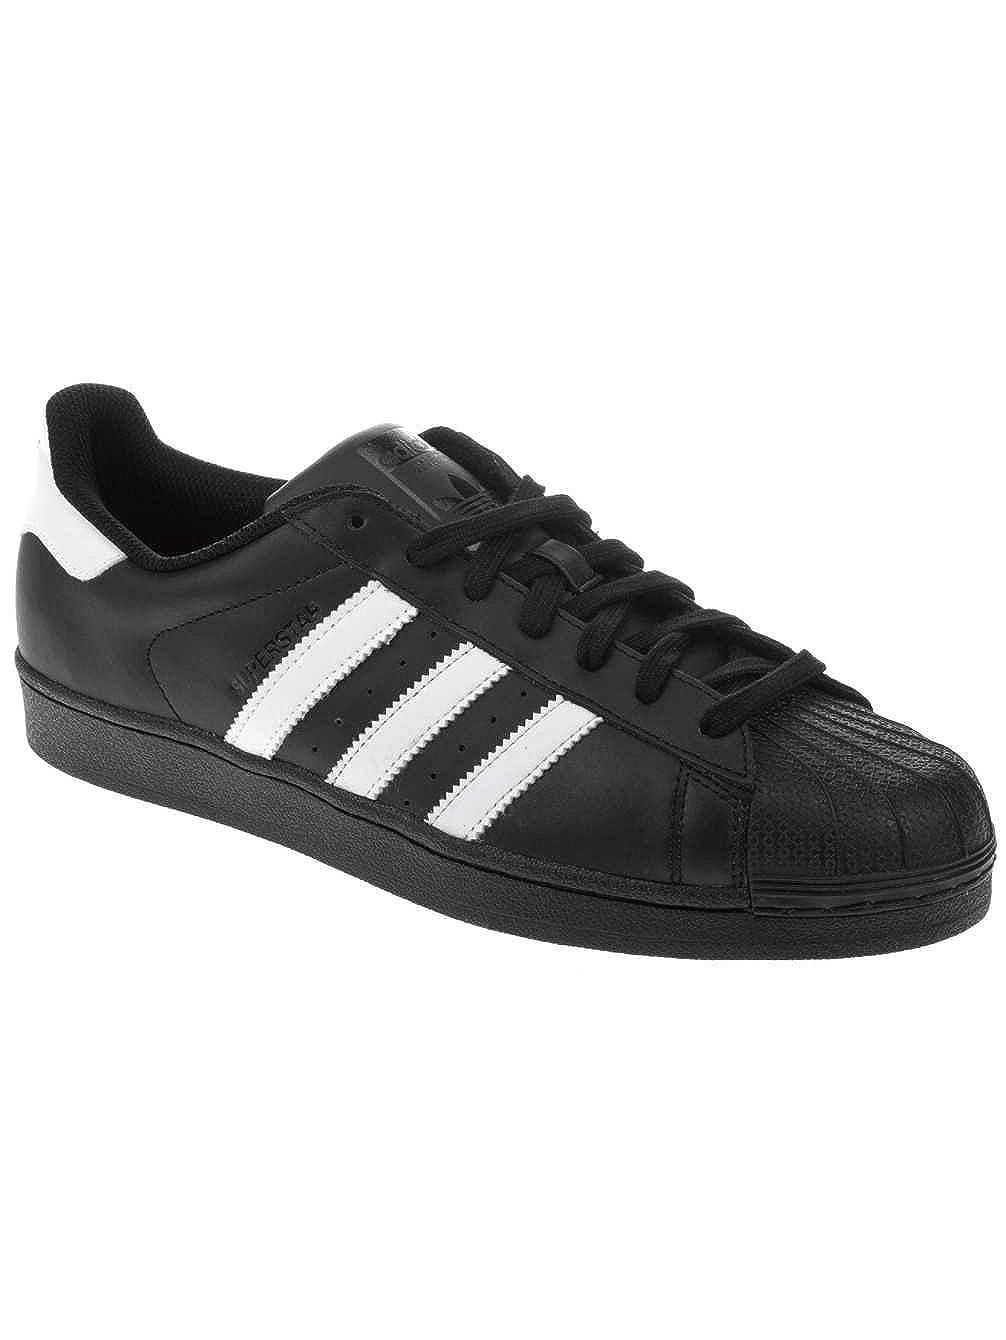 schwarz adidas Herren Superstar Turnschuhe